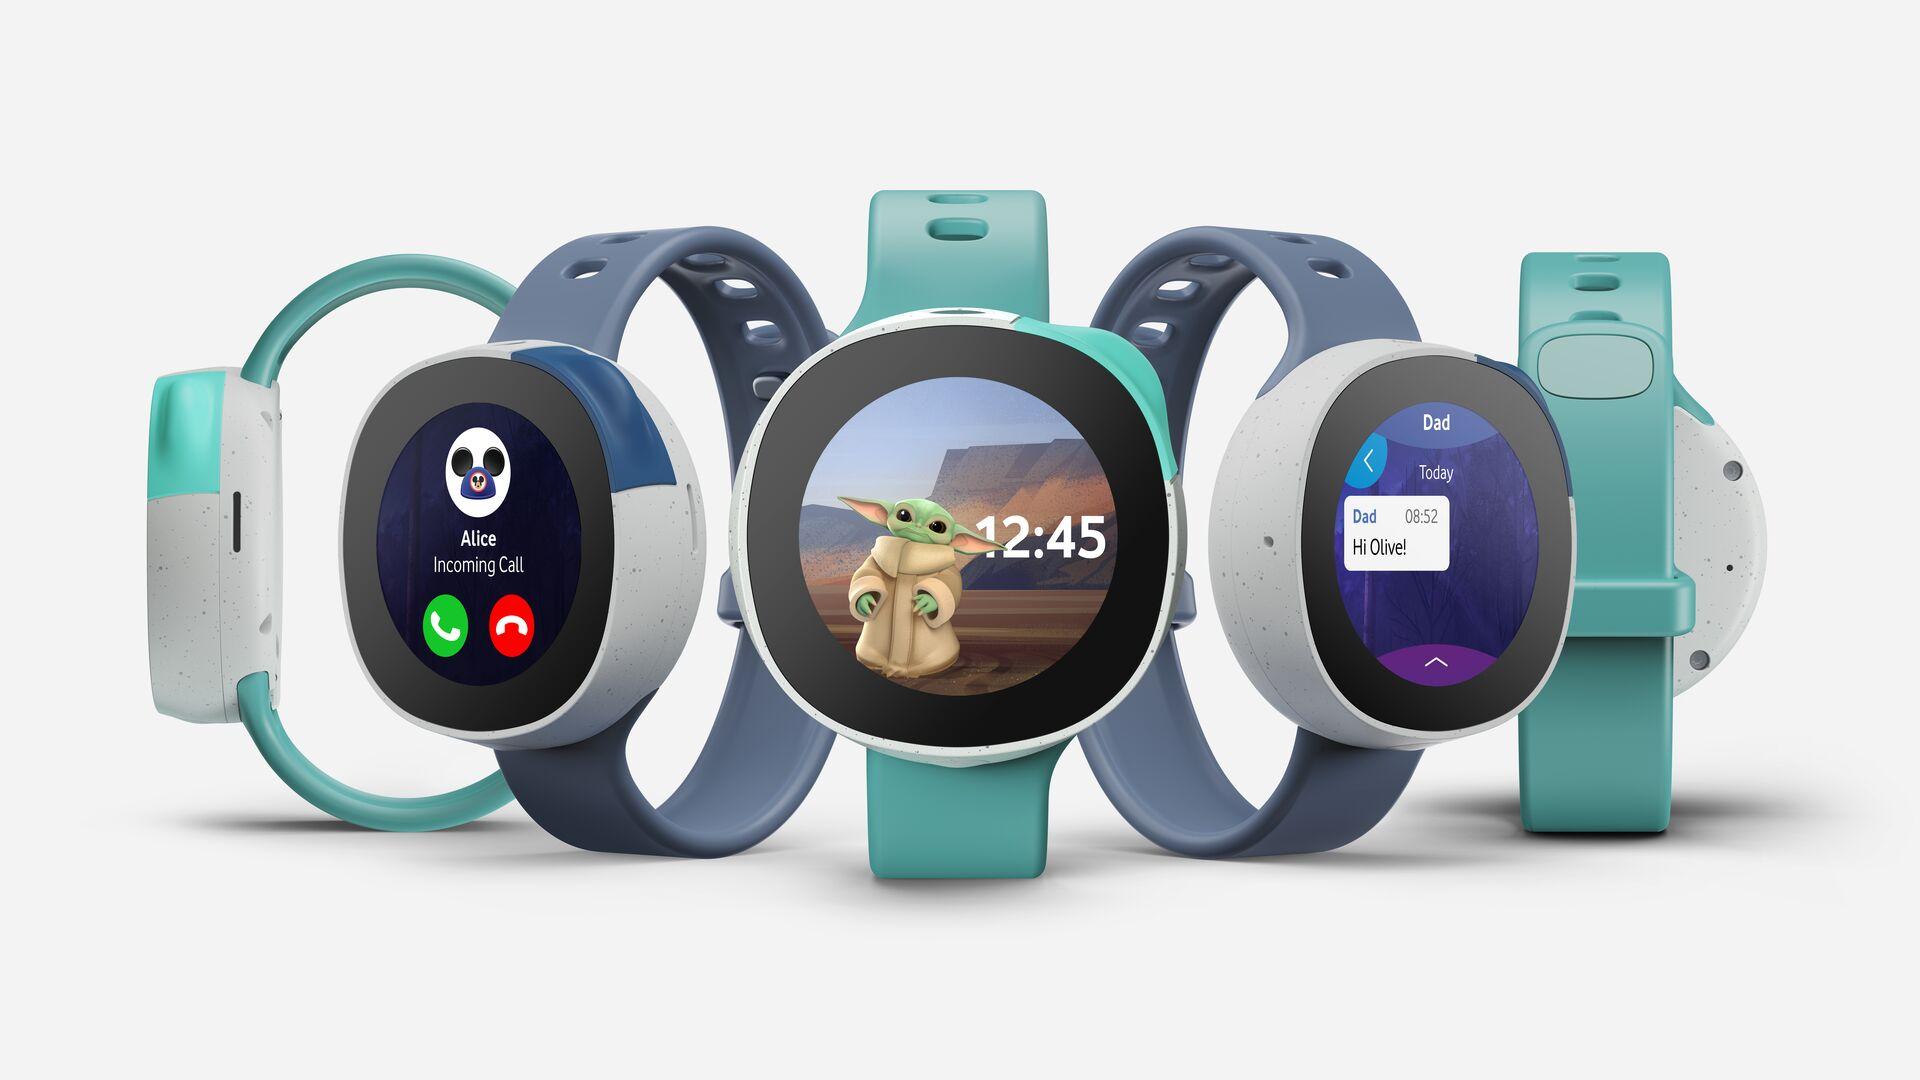 Die Neo Smart Kids Watch in verschiedenen Farben und mit verschiedenen Funktionen.